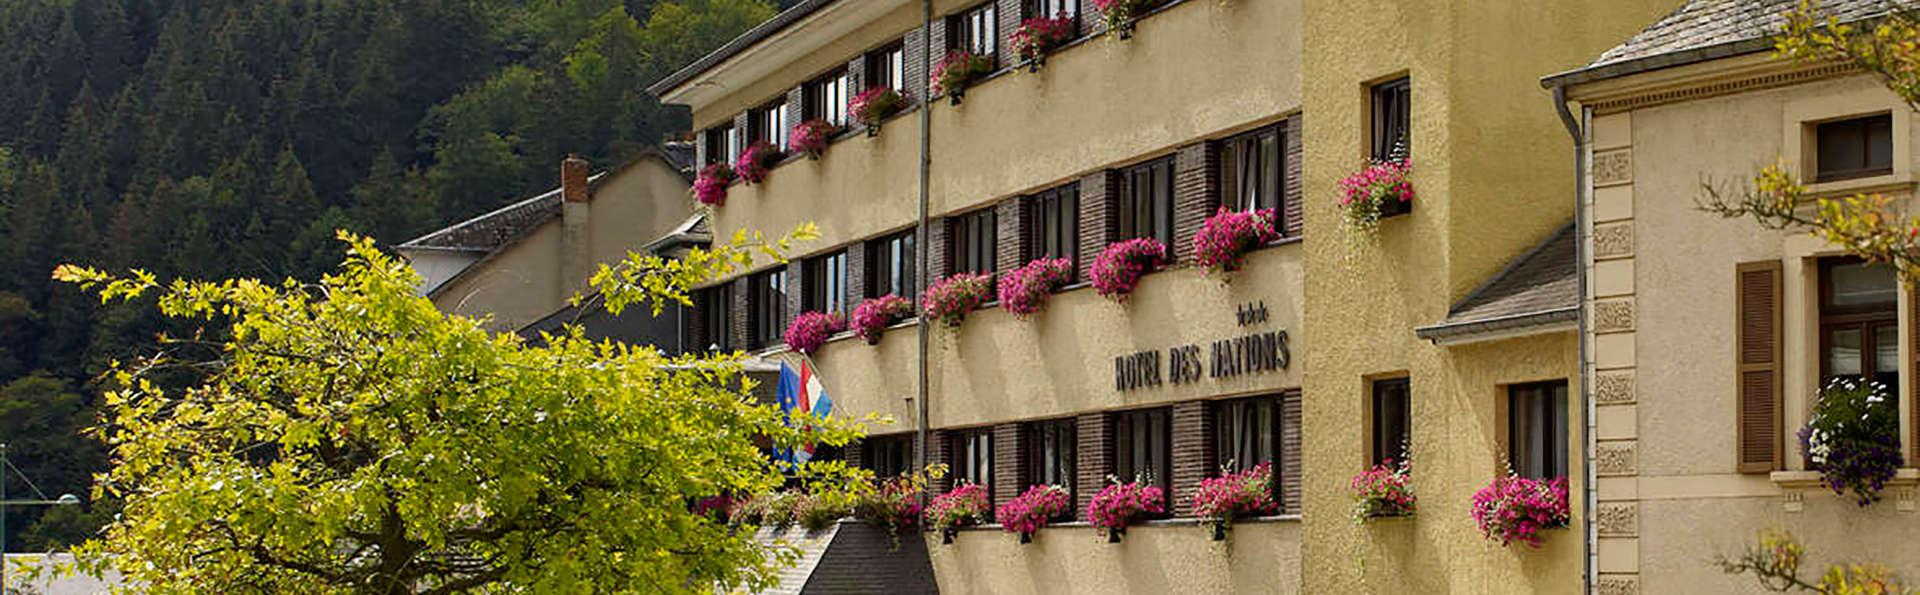 Hotel des Nations - EDIT_front.jpg